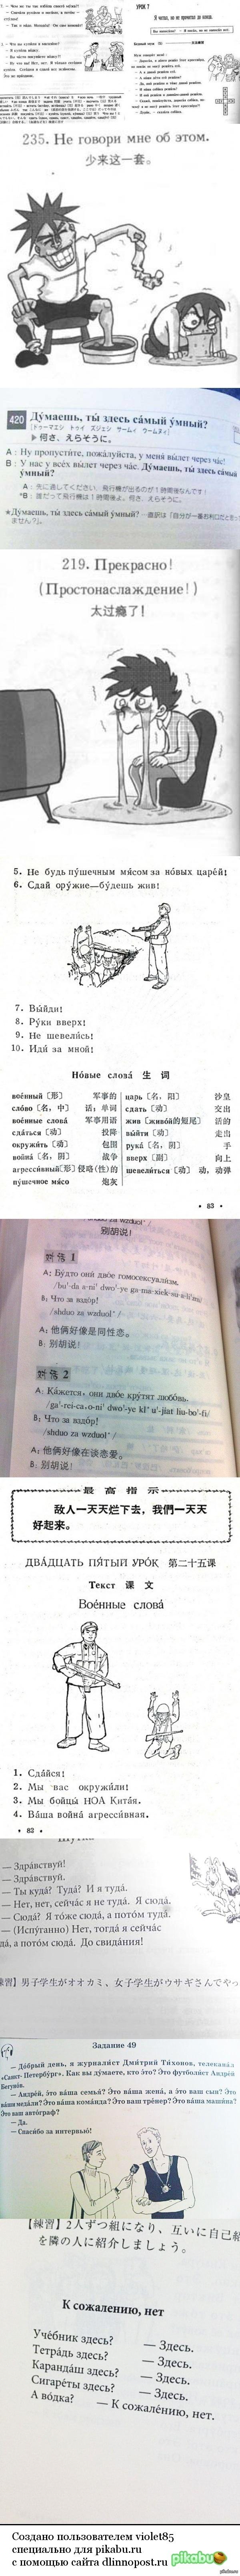 Учим китайский язык.Простонаслаждение Искала разговорники по китайскому языку,наткнулась на эти забавные выдержки.